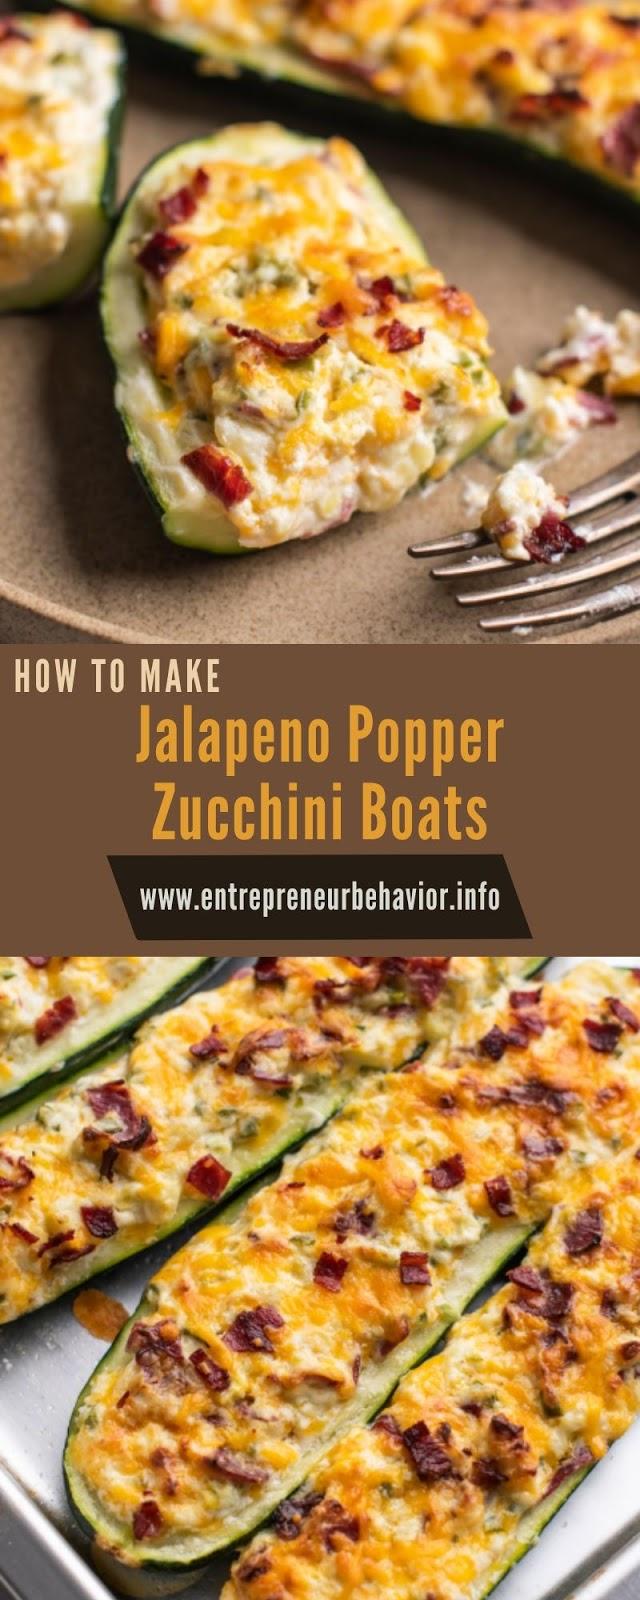 Jalapeno Popper Zucchini Boats